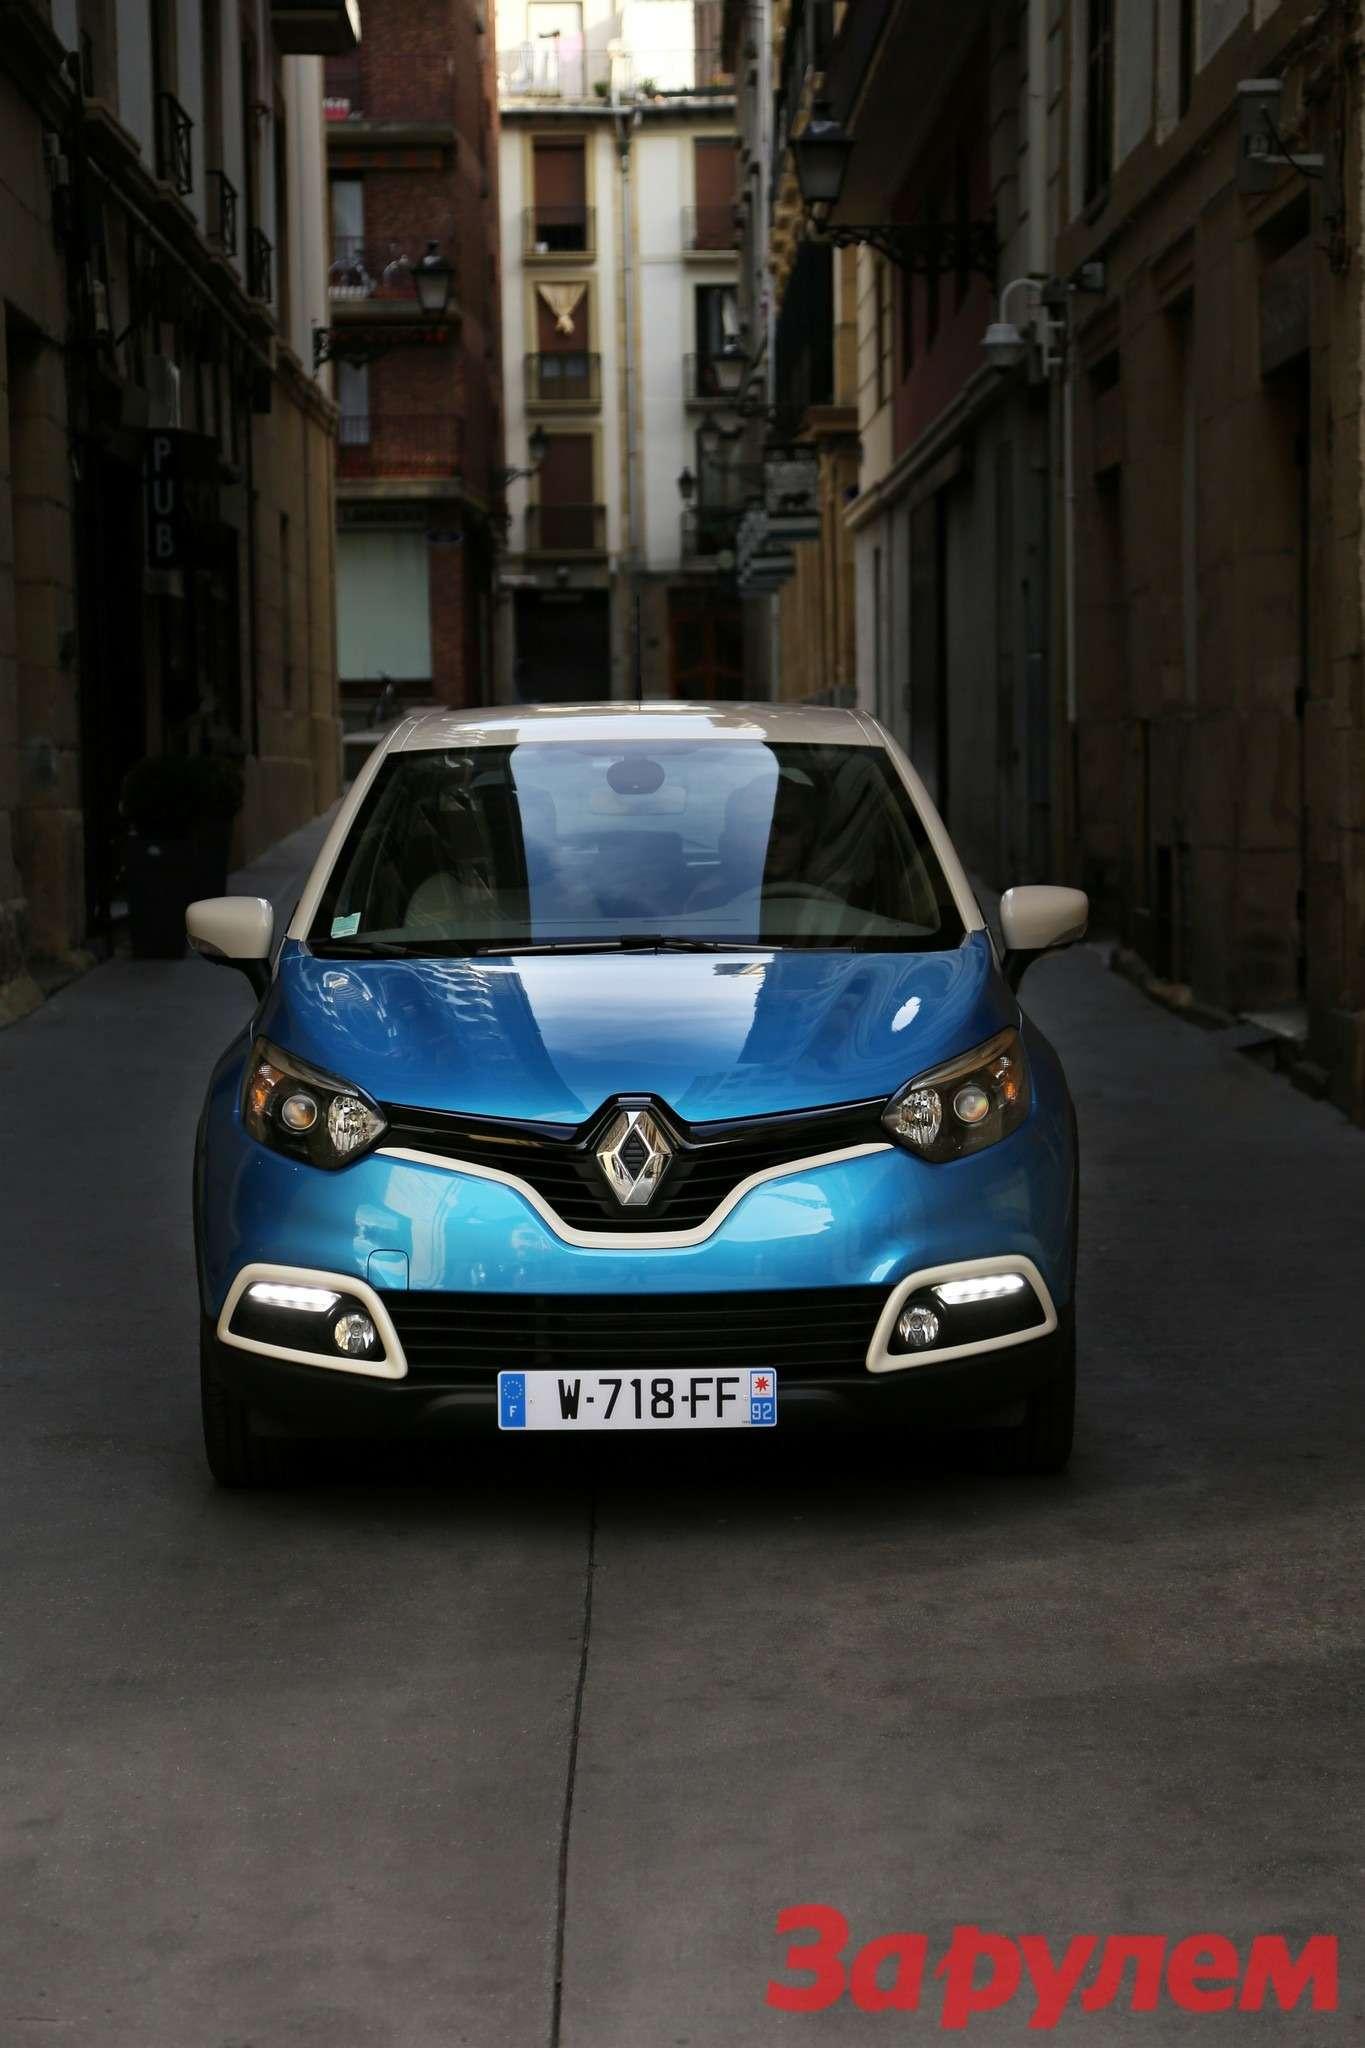 Renault 45948 global en